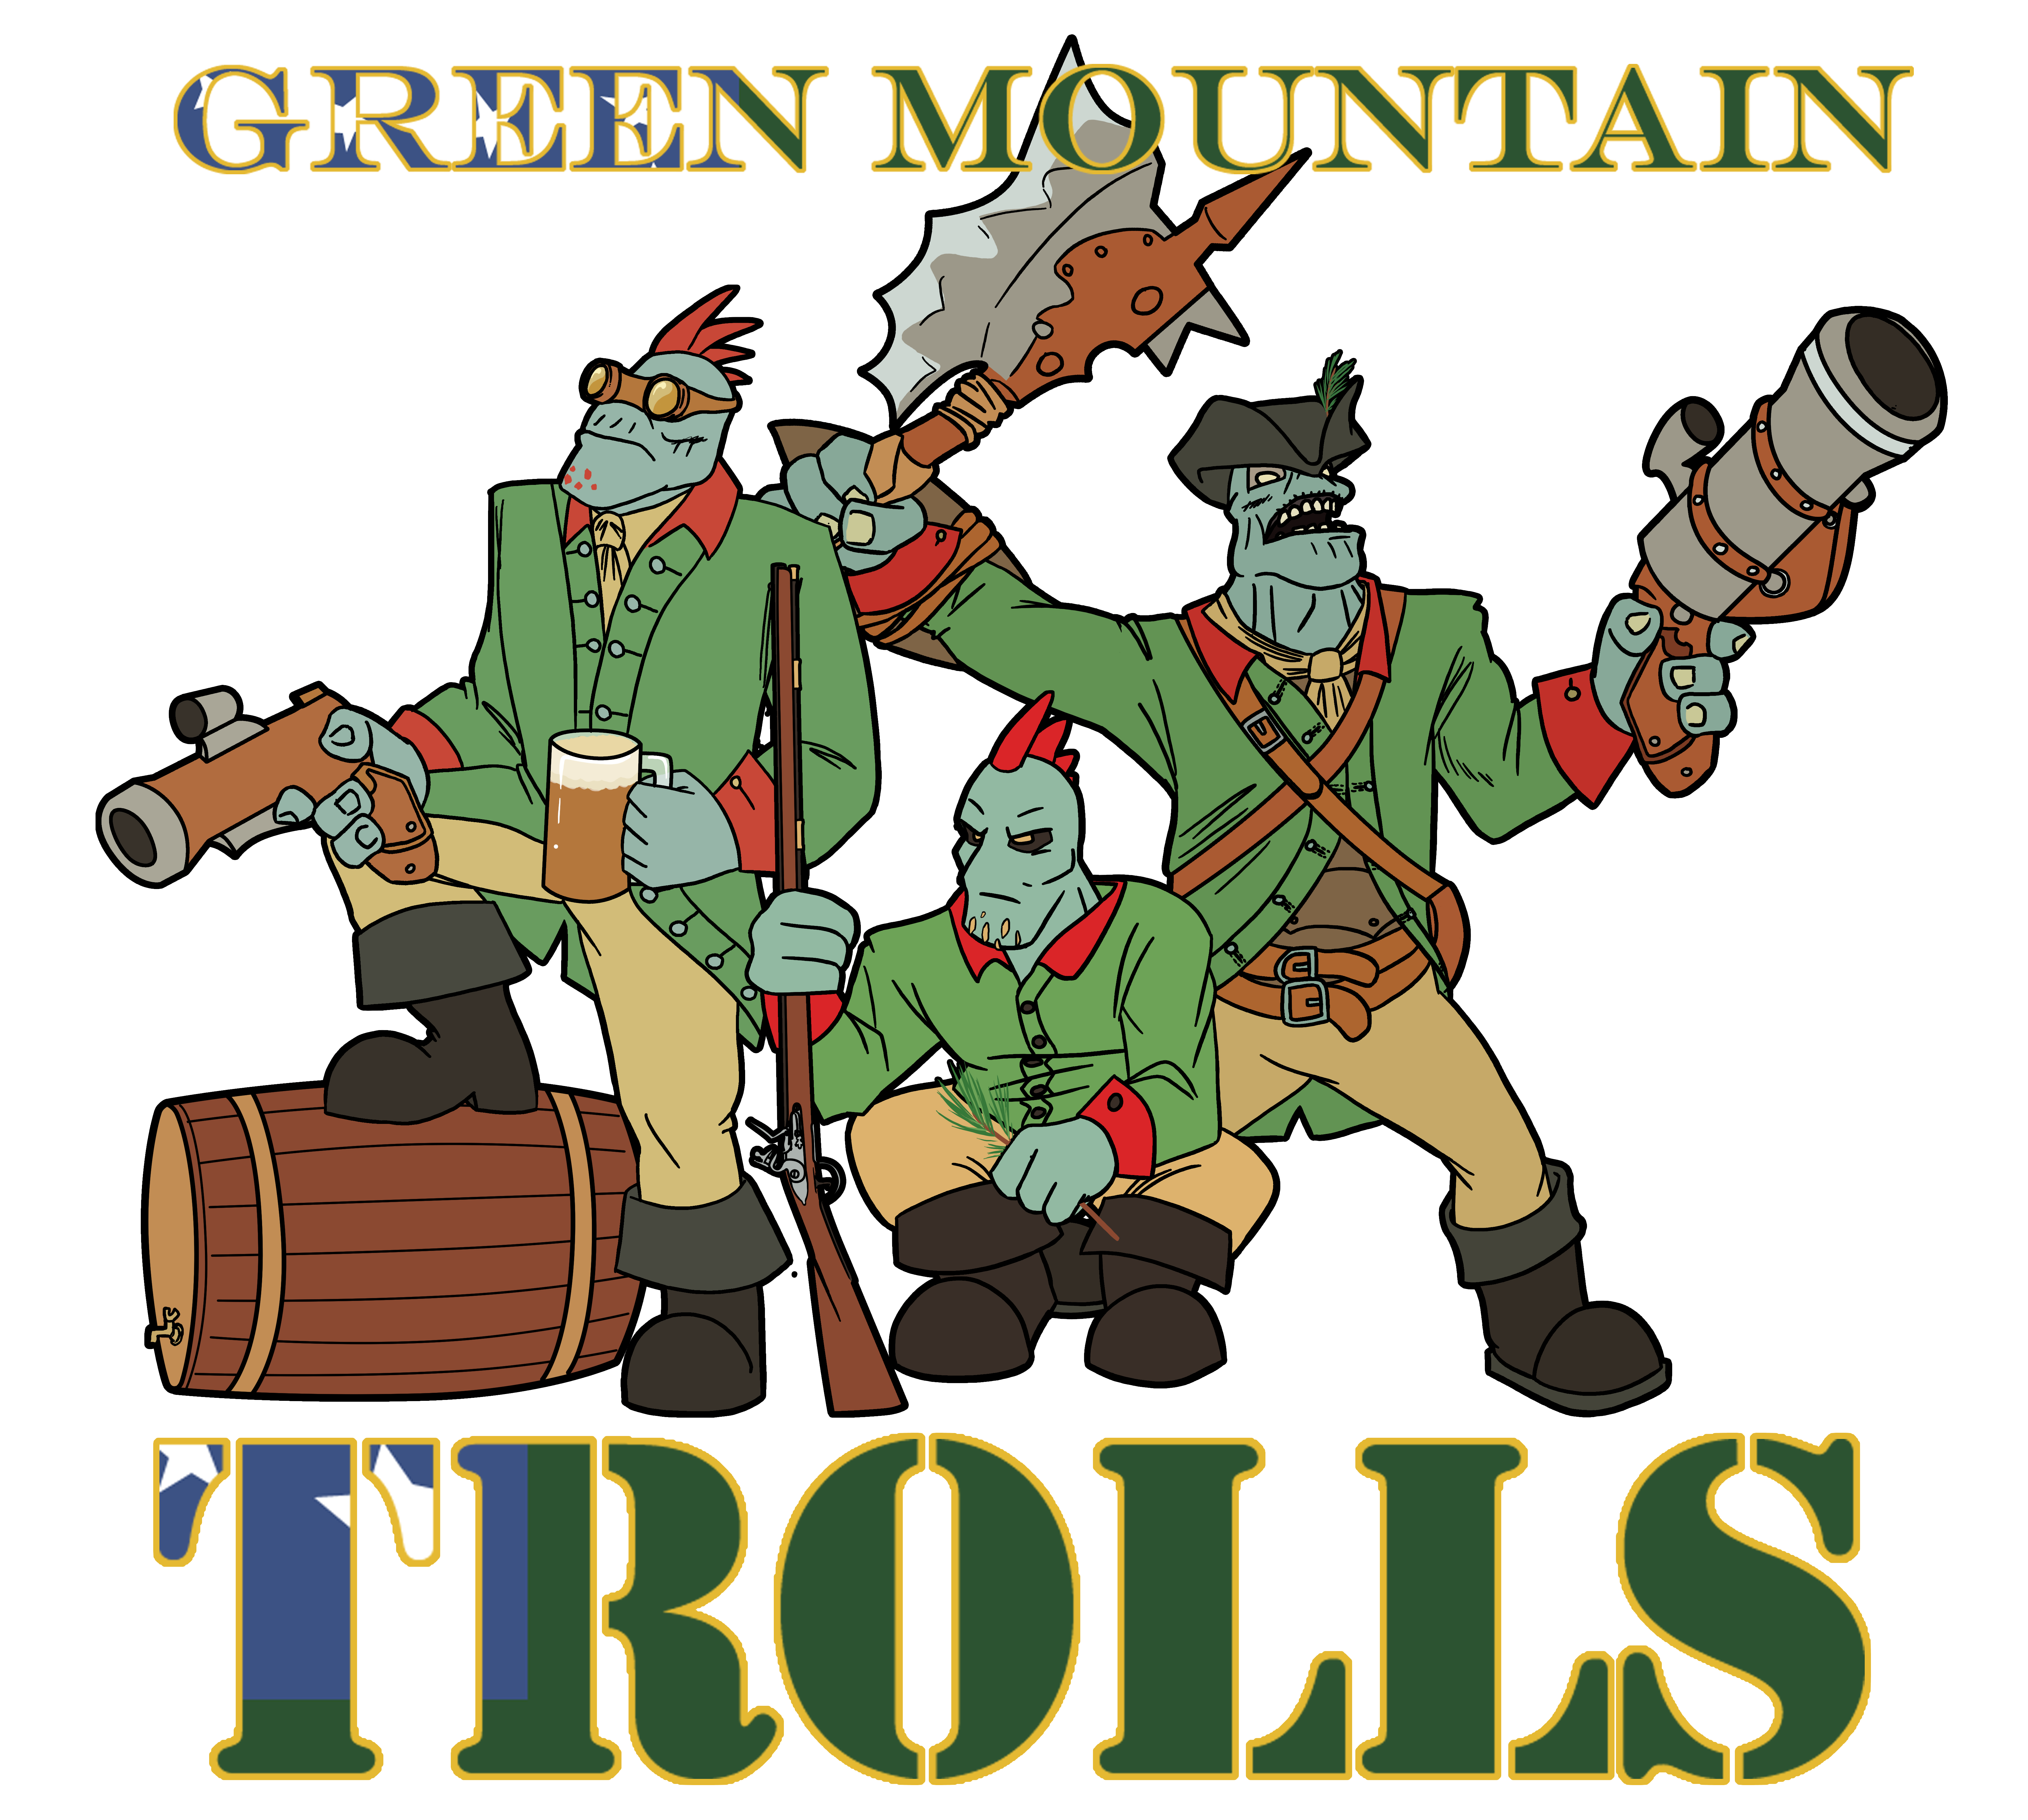 Green Mountain TROLLS by Flameshadow117 on DeviantArt.